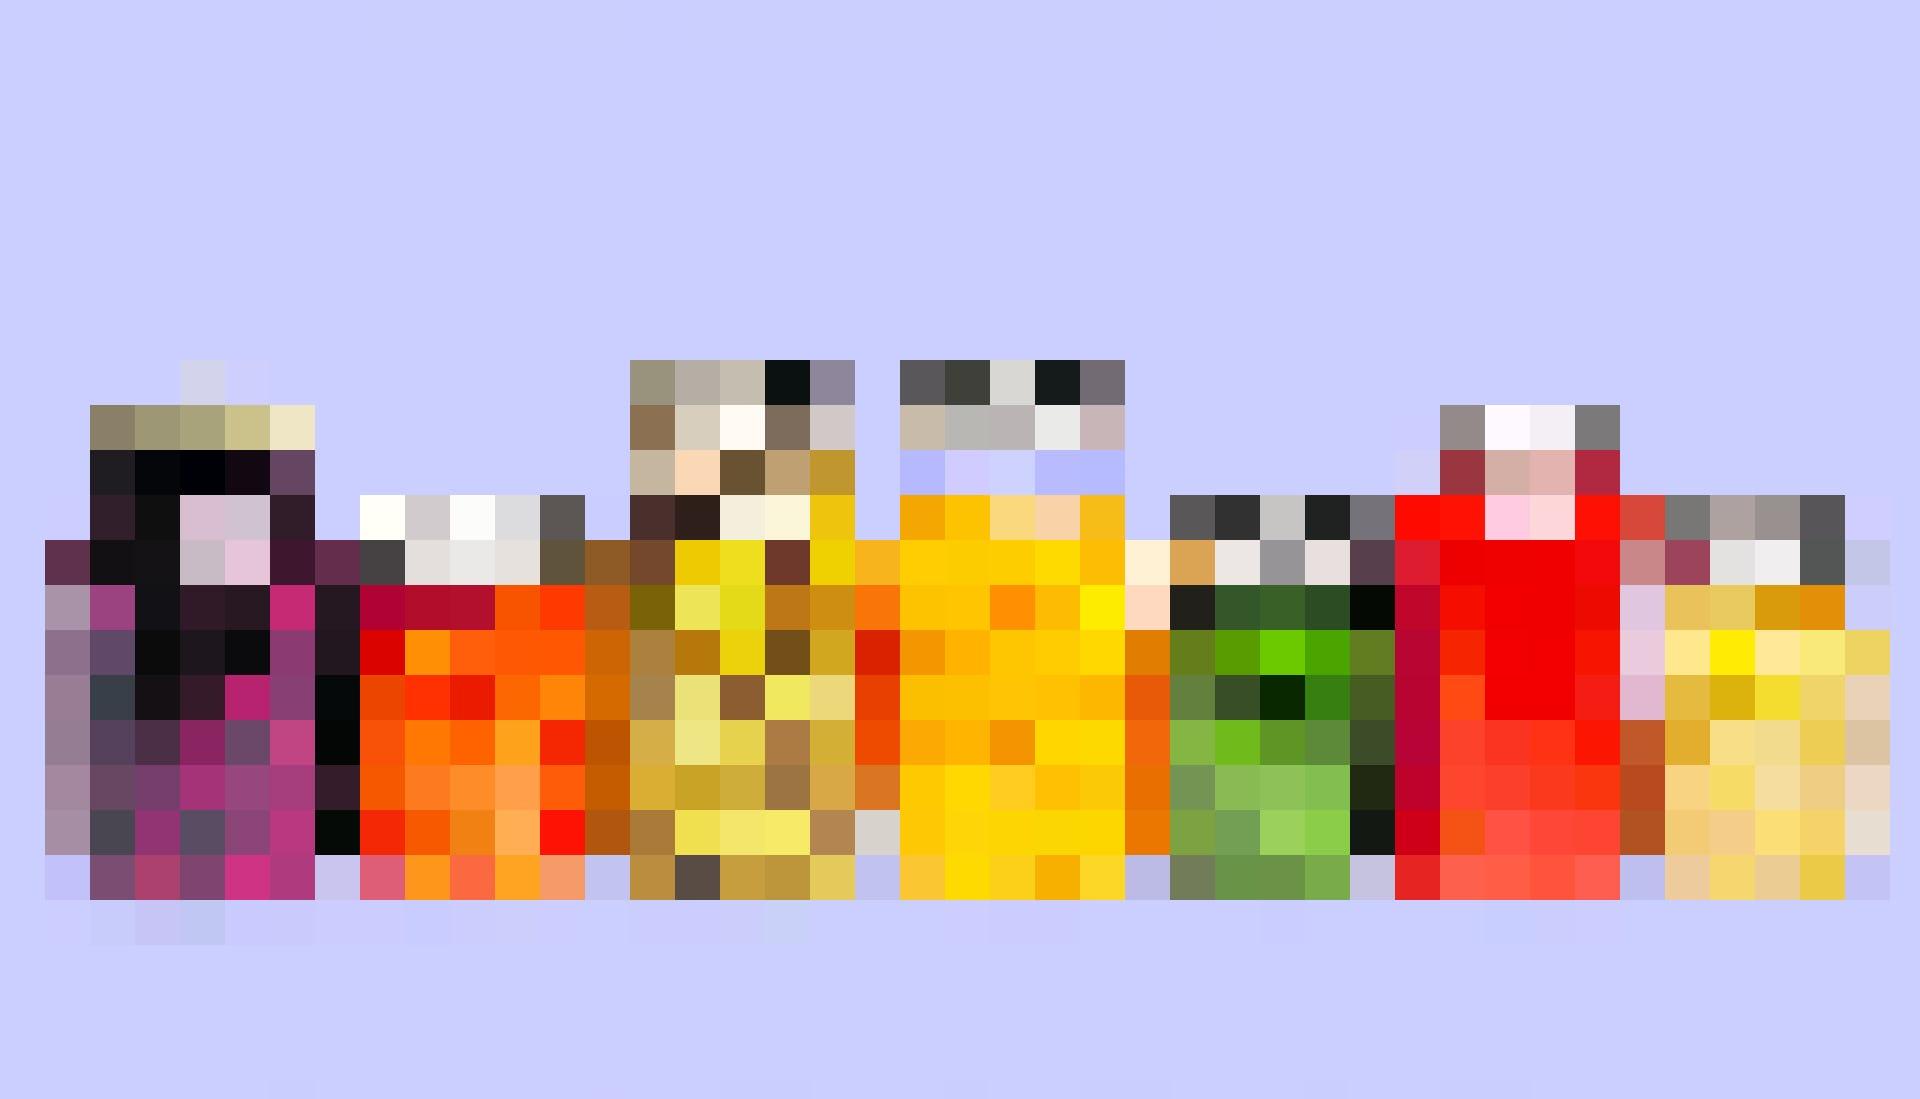 Zu viele Lebensmittel landen im Müll. Du kannst etwas dagegen tun. Bist du bereit für unsere Challenge des Monats?